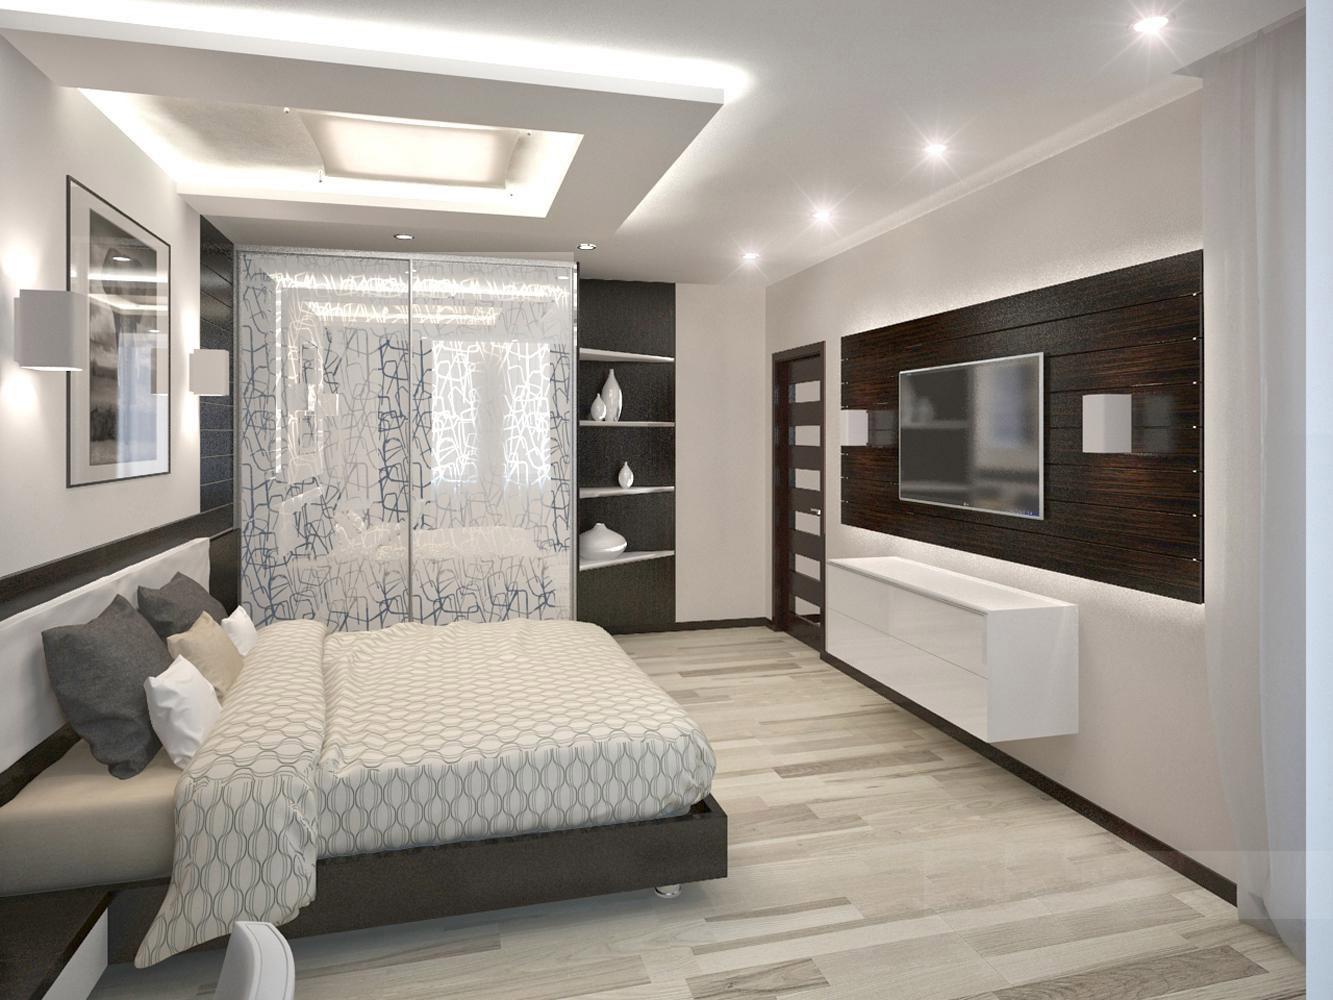 Встроенное освещение в спальне в стиле хай-тек